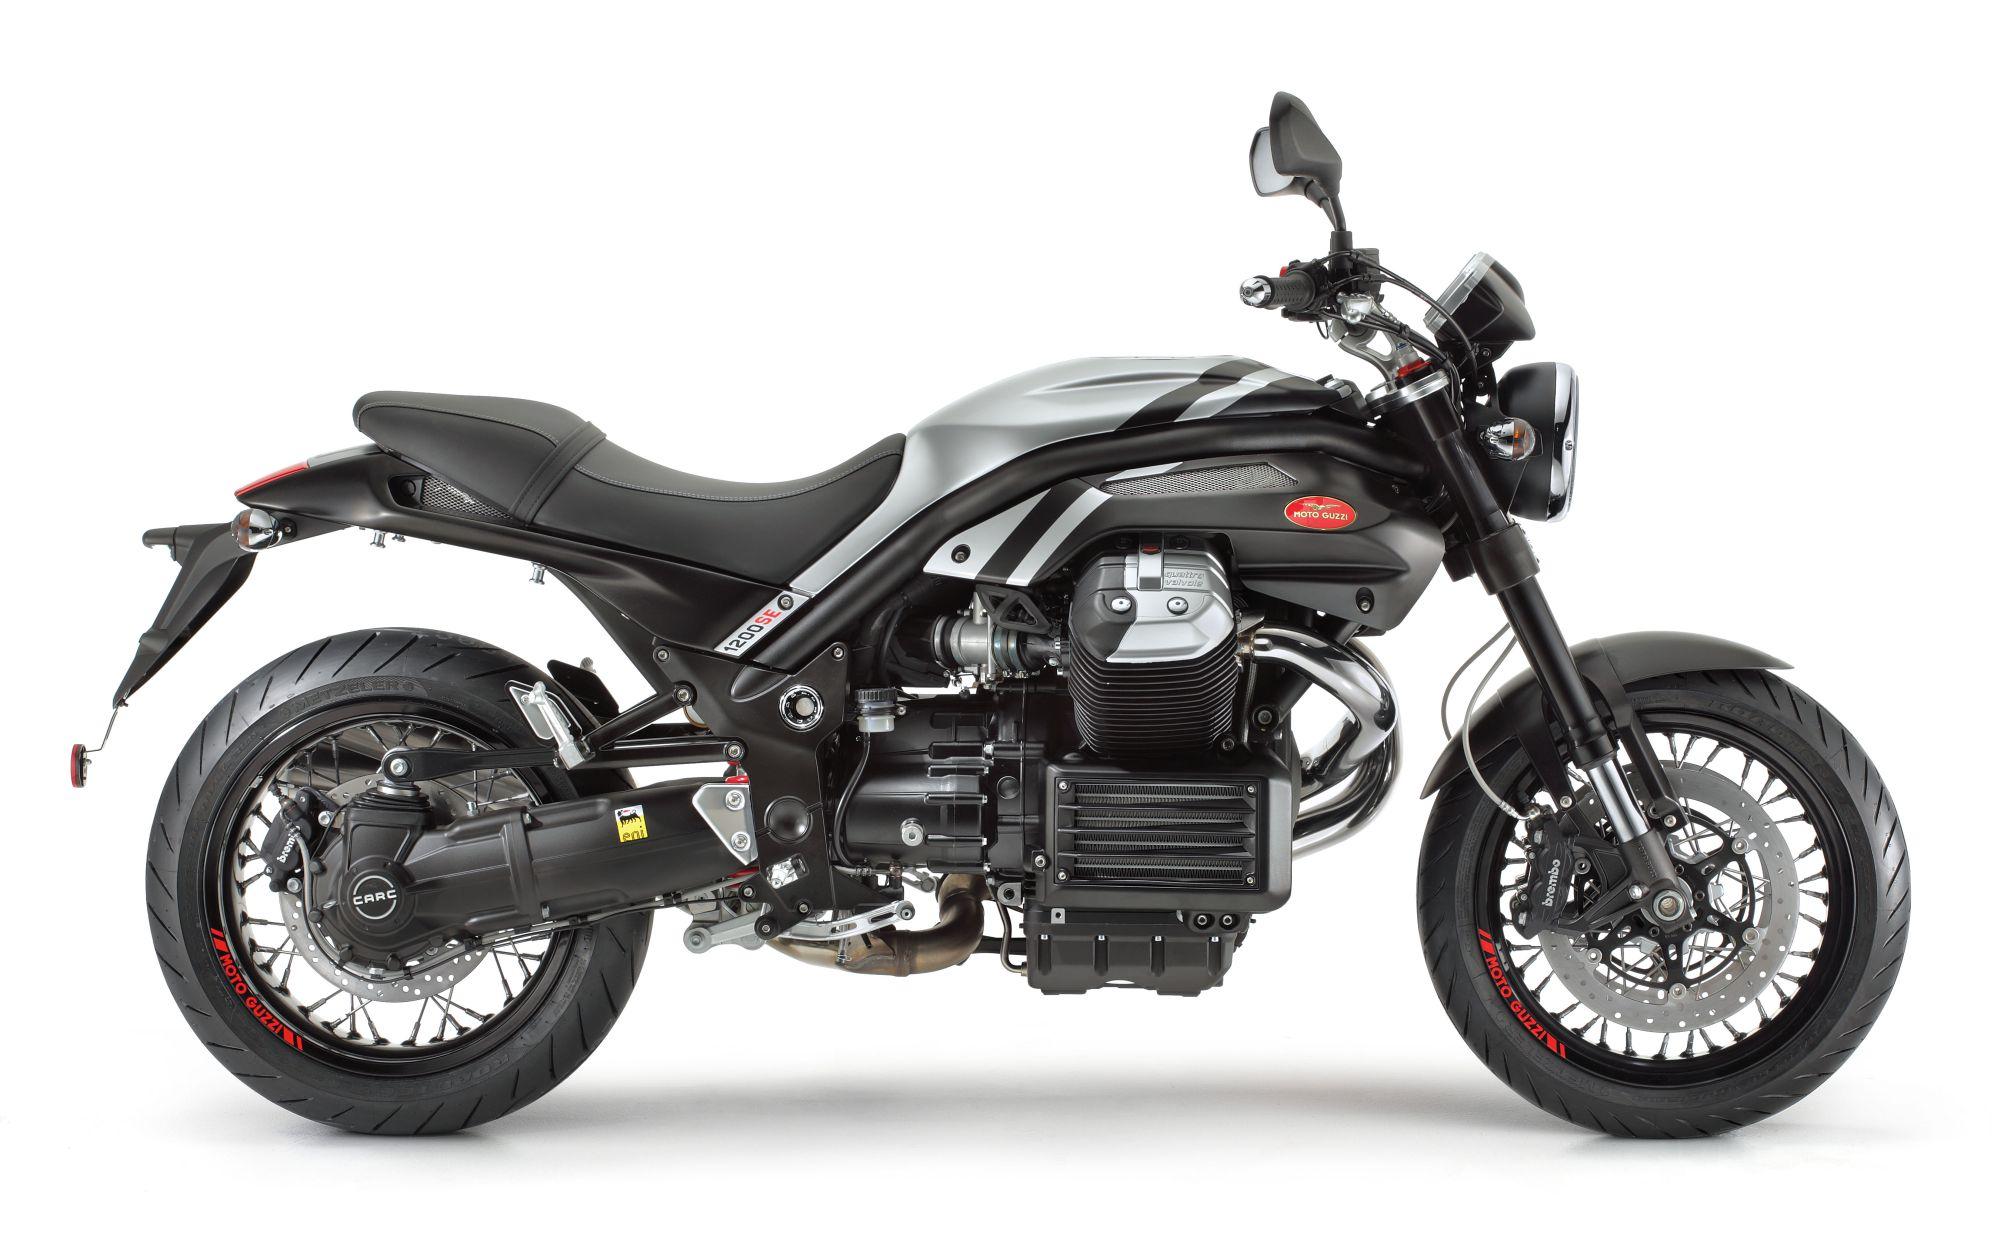 gebrauchte moto guzzi griso 1200 8v black devil motorr der. Black Bedroom Furniture Sets. Home Design Ideas